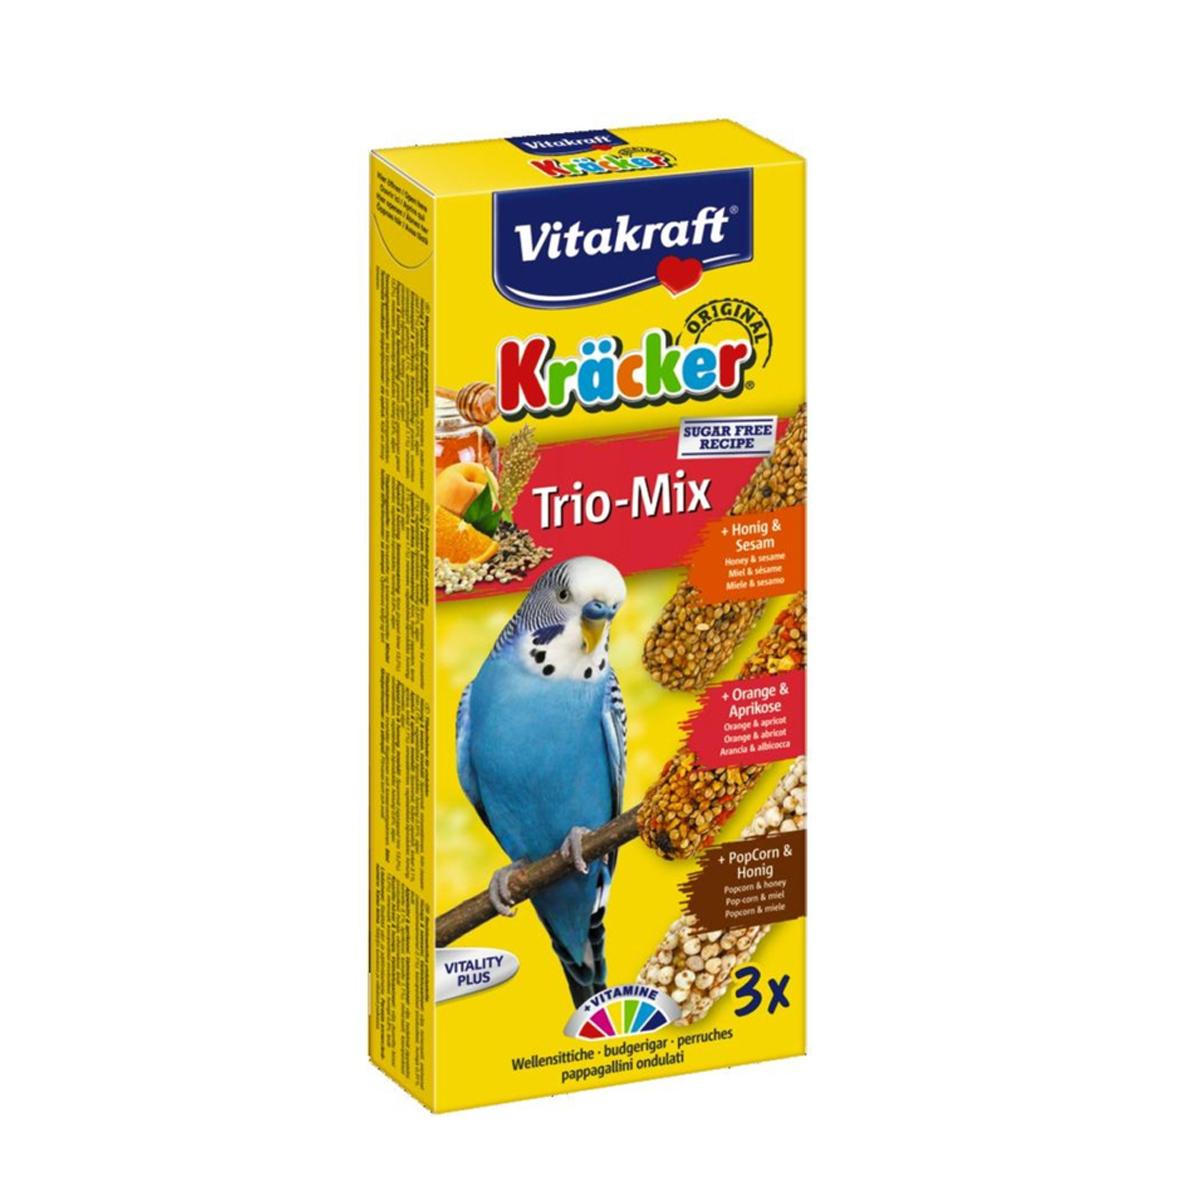 Vitakraft Trio Mix Kräcker Vogelsnack Parkiet 3in1 Honing-Sinaasappel-Popcorn